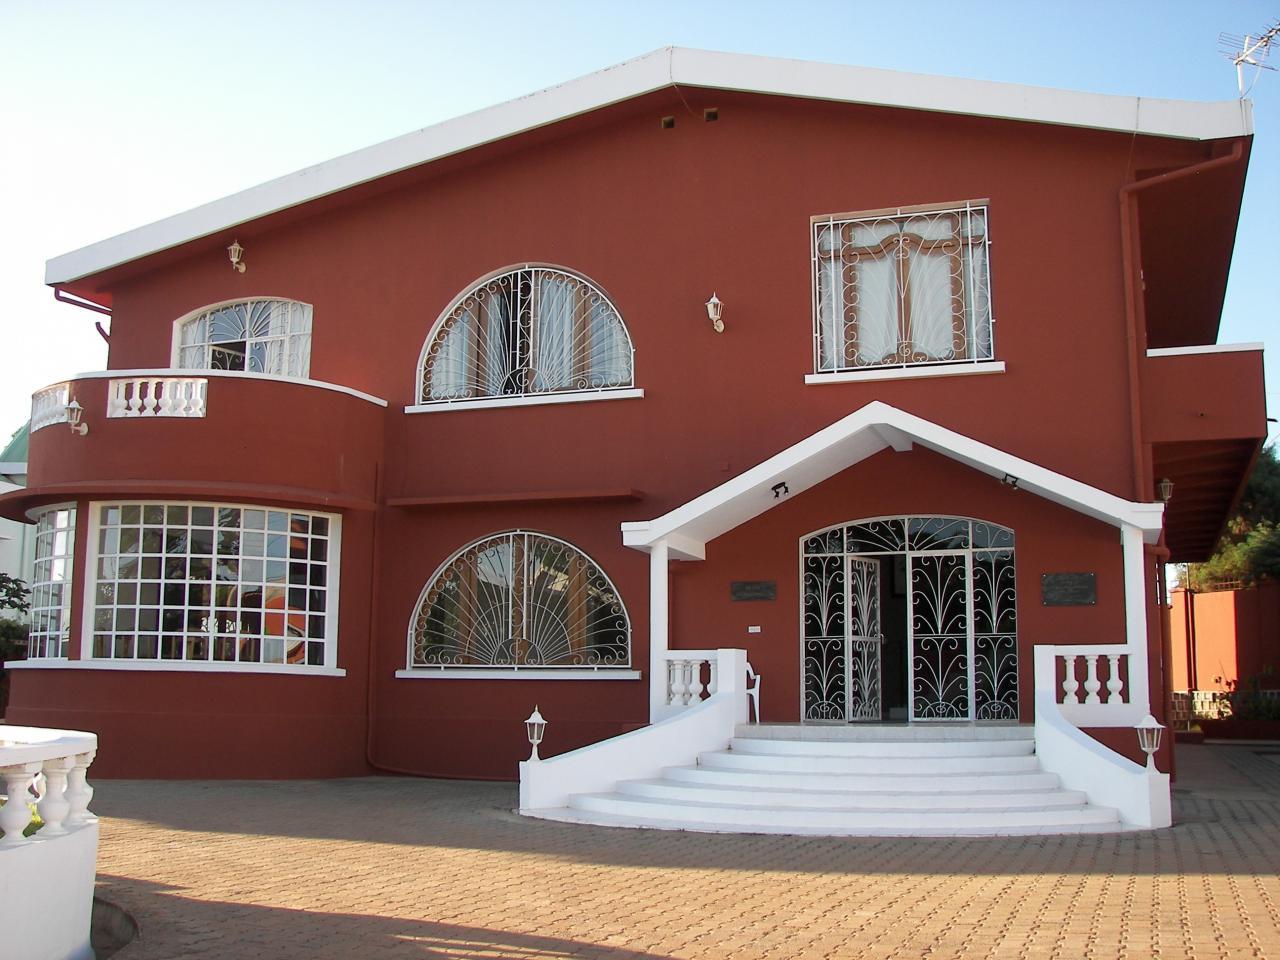 A vendre ou a louer villa de standing a antananarivo madagascar proche aeroport international for Site de villa a louer